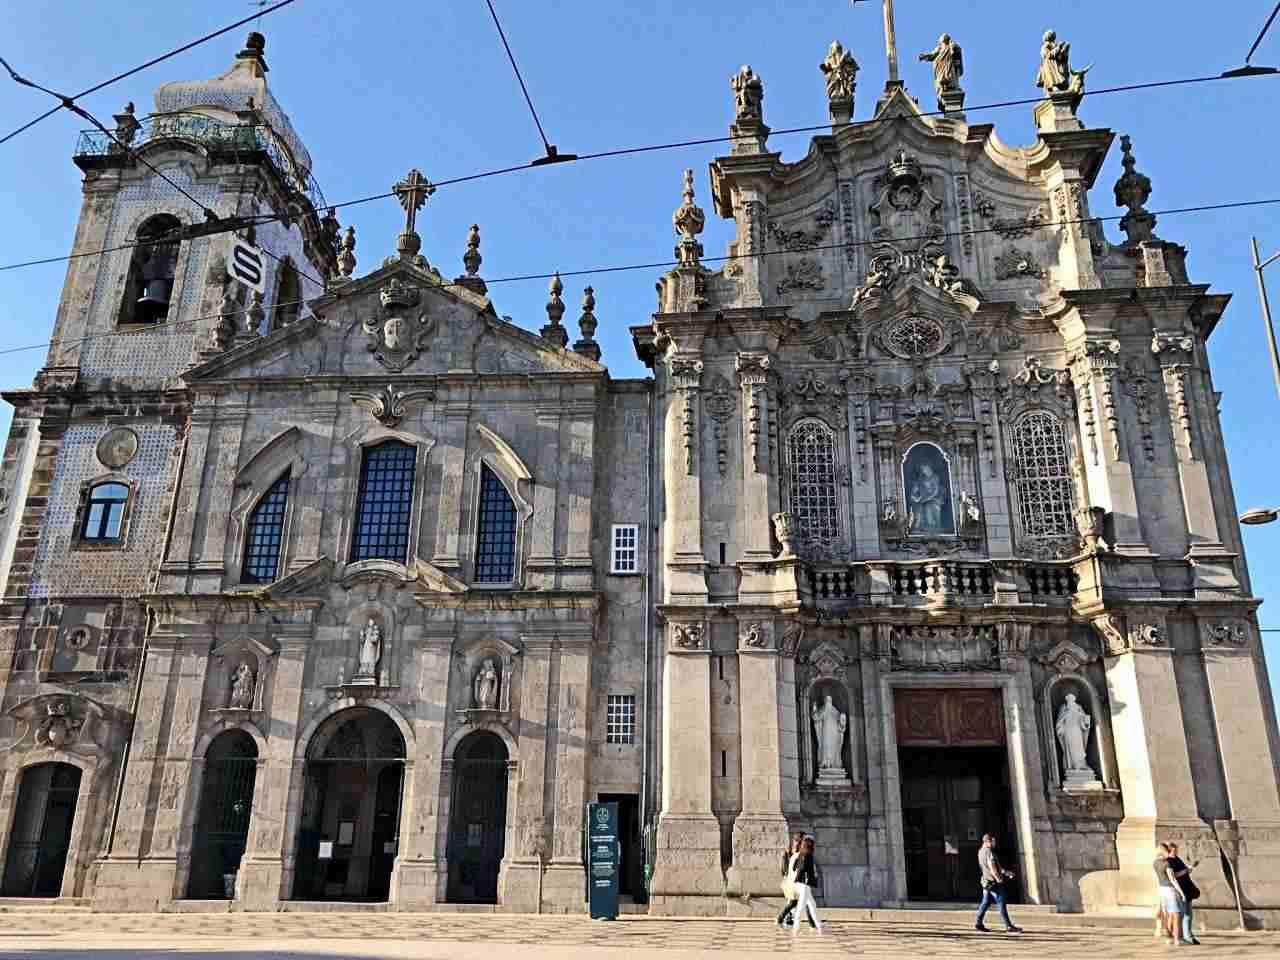 Igrejas dos Carmelitas Descalços e Igreja de Nossa Senhora do Monte do Carmo